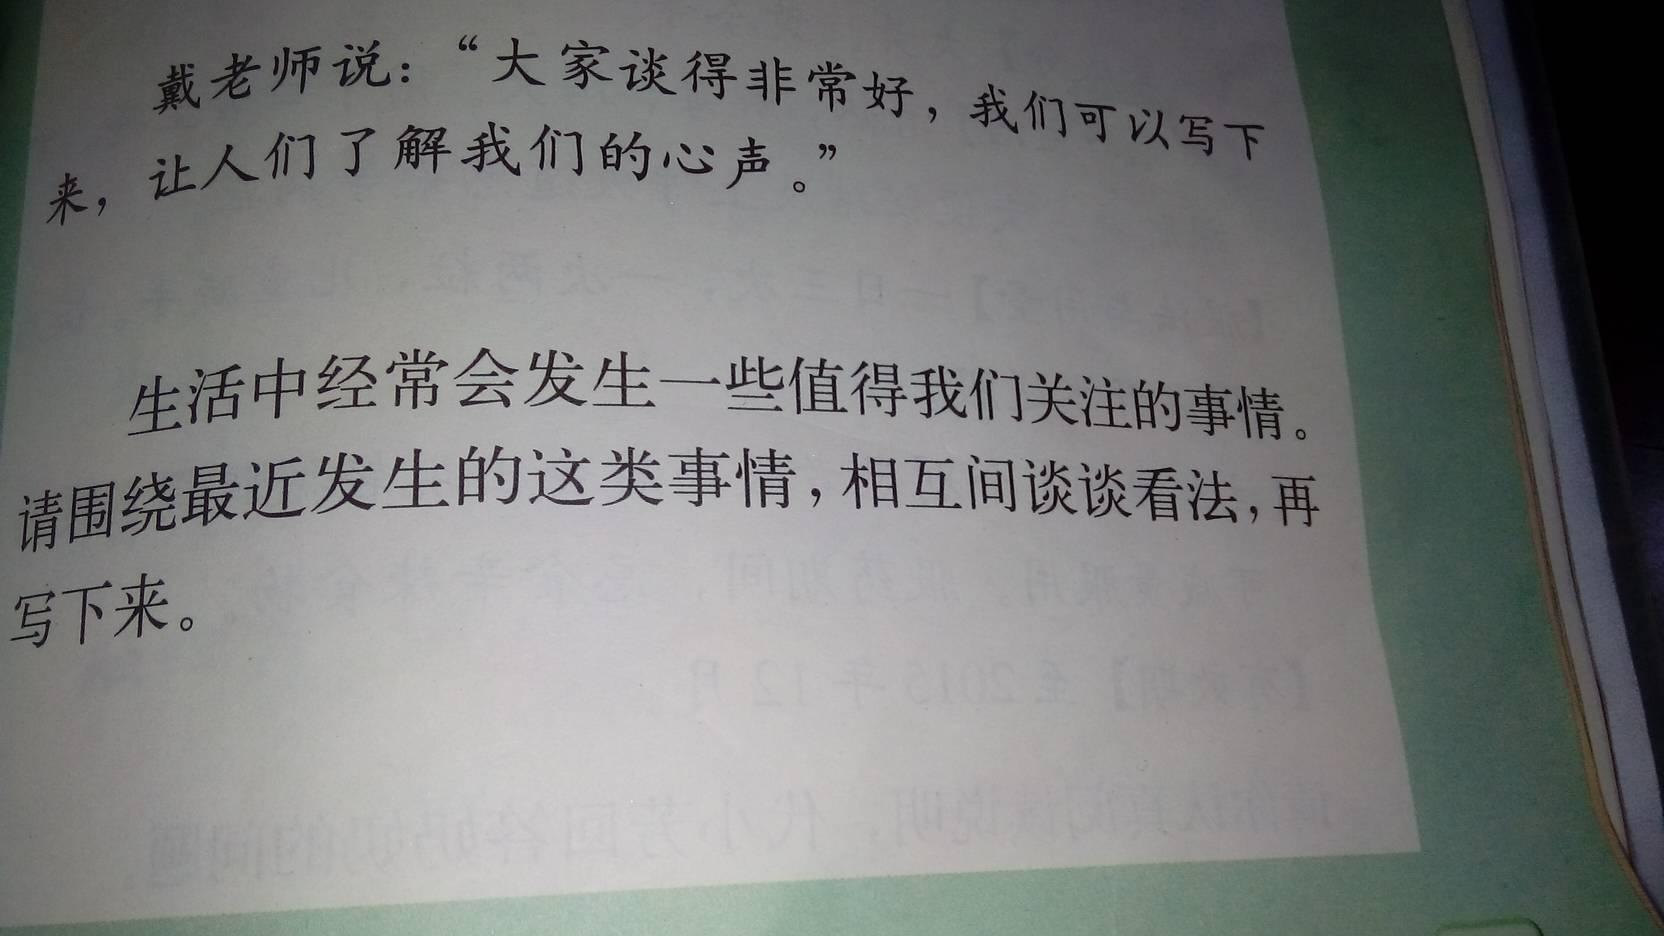 手抄报的相关文章   四年级上学期 看图作文   春节作文四年高清图片